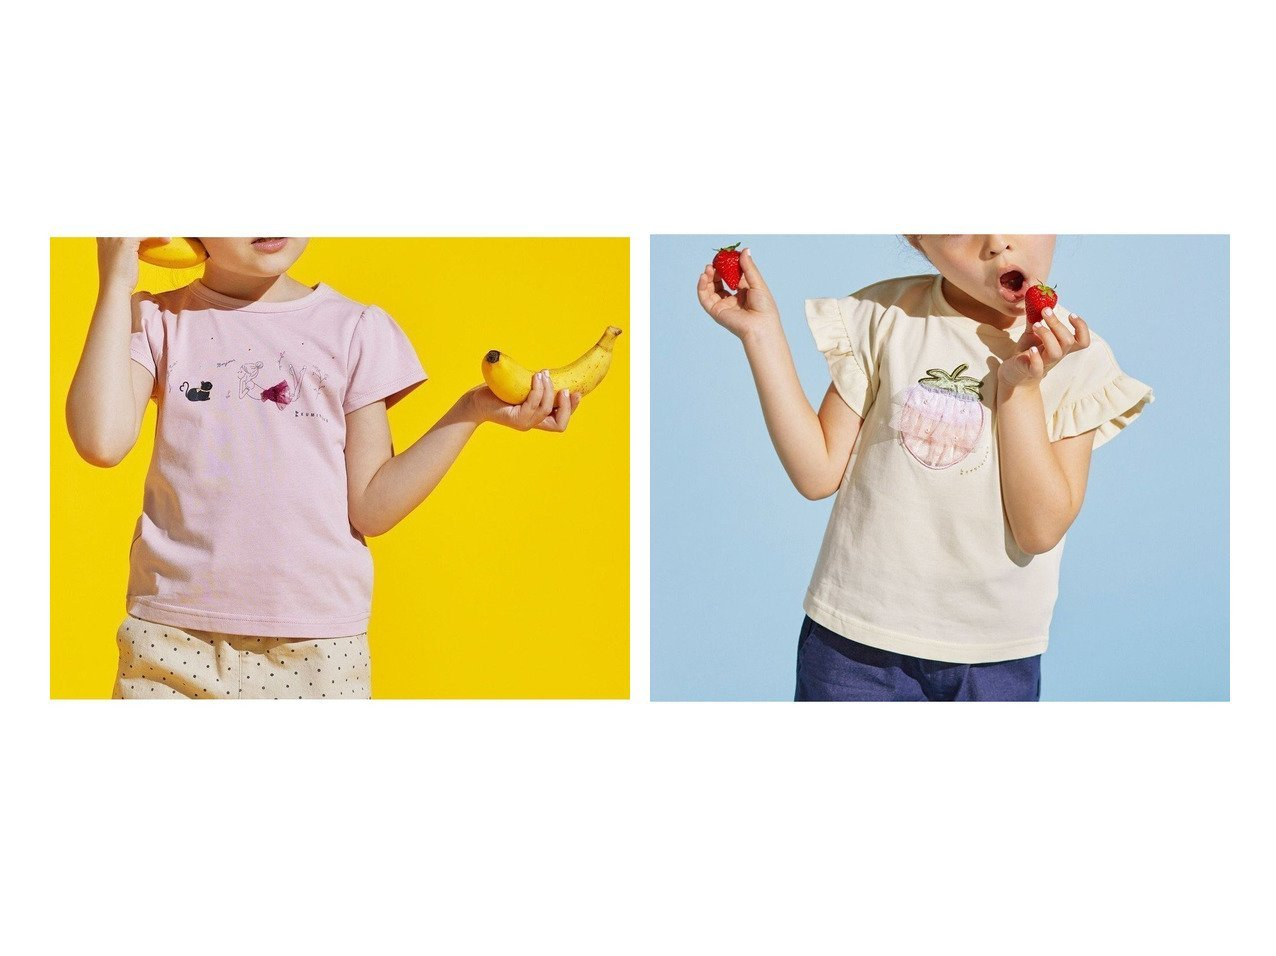 【KUMIKYOKU / KIDS/組曲】の【110-140cm】マーガレット Tシャツ&【110-140cm】フルーツチュール Tシャツ 【KIDS】子供服のおすすめ!人気トレンド・キッズファッションの通販 おすすめで人気の流行・トレンド、ファッションの通販商品 インテリア・家具・メンズファッション・キッズファッション・レディースファッション・服の通販 founy(ファニー) https://founy.com/ ファッション Fashion キッズファッション KIDS トップス・カットソー Tops/Tees/Kids 送料無料 Free Shipping カットソー ショルダー チェリー チュール ドロップ パール ラベンダー 人気 ストーン プリント ベーシック マーガレット 猫  ID:crp329100000044553